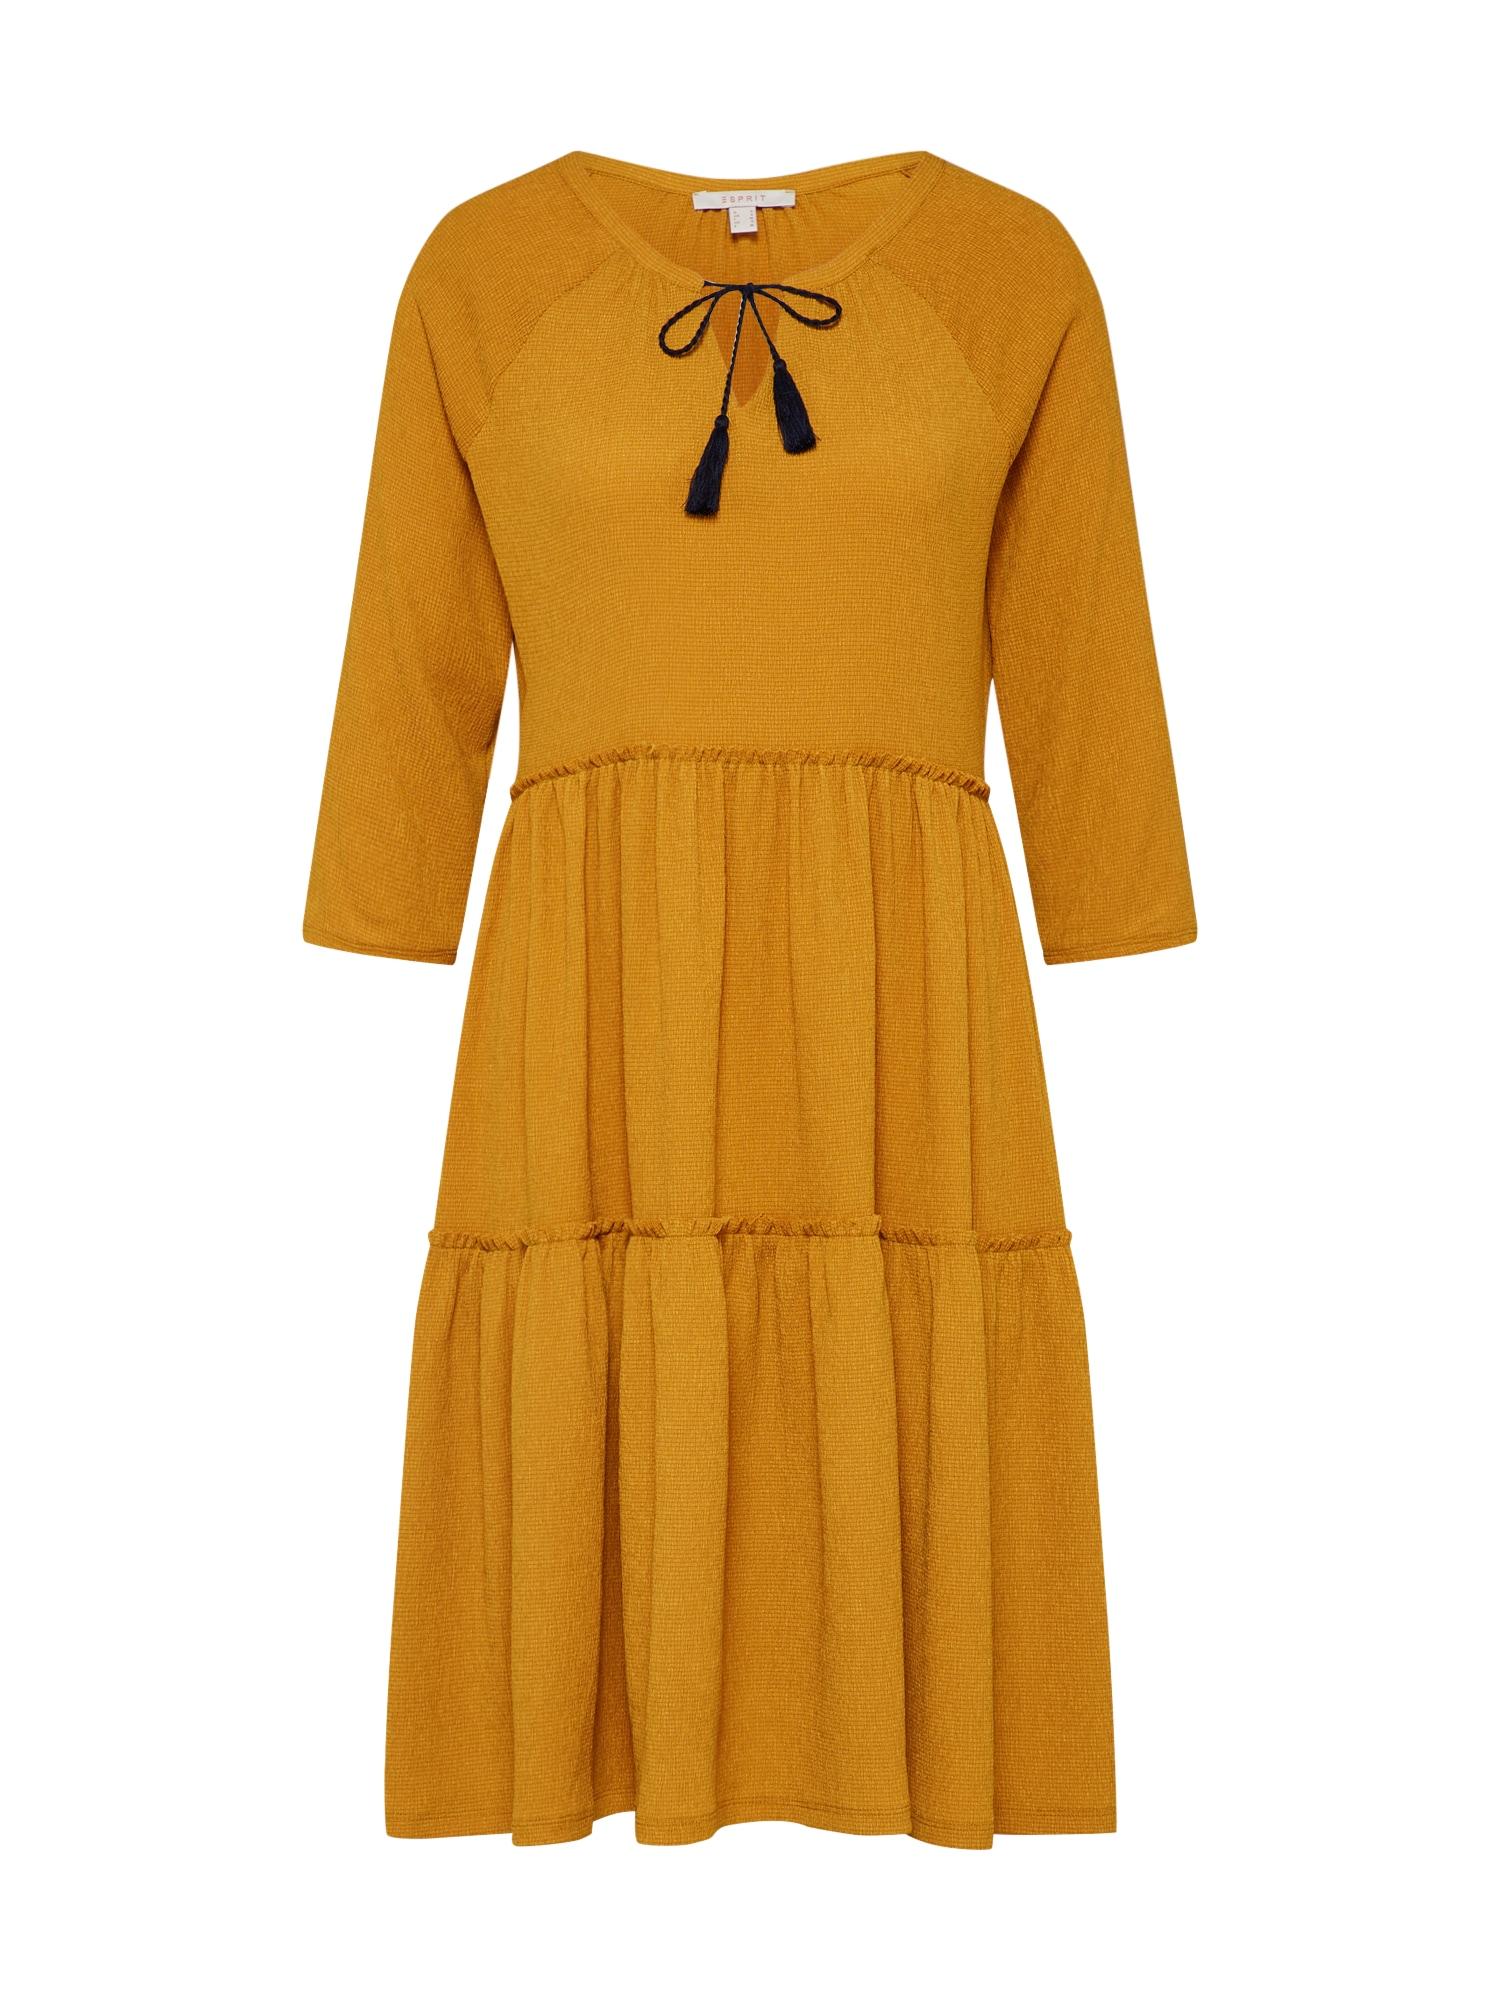 Košilové šaty DJERBA POMPOM zlatě žlutá ESPRIT